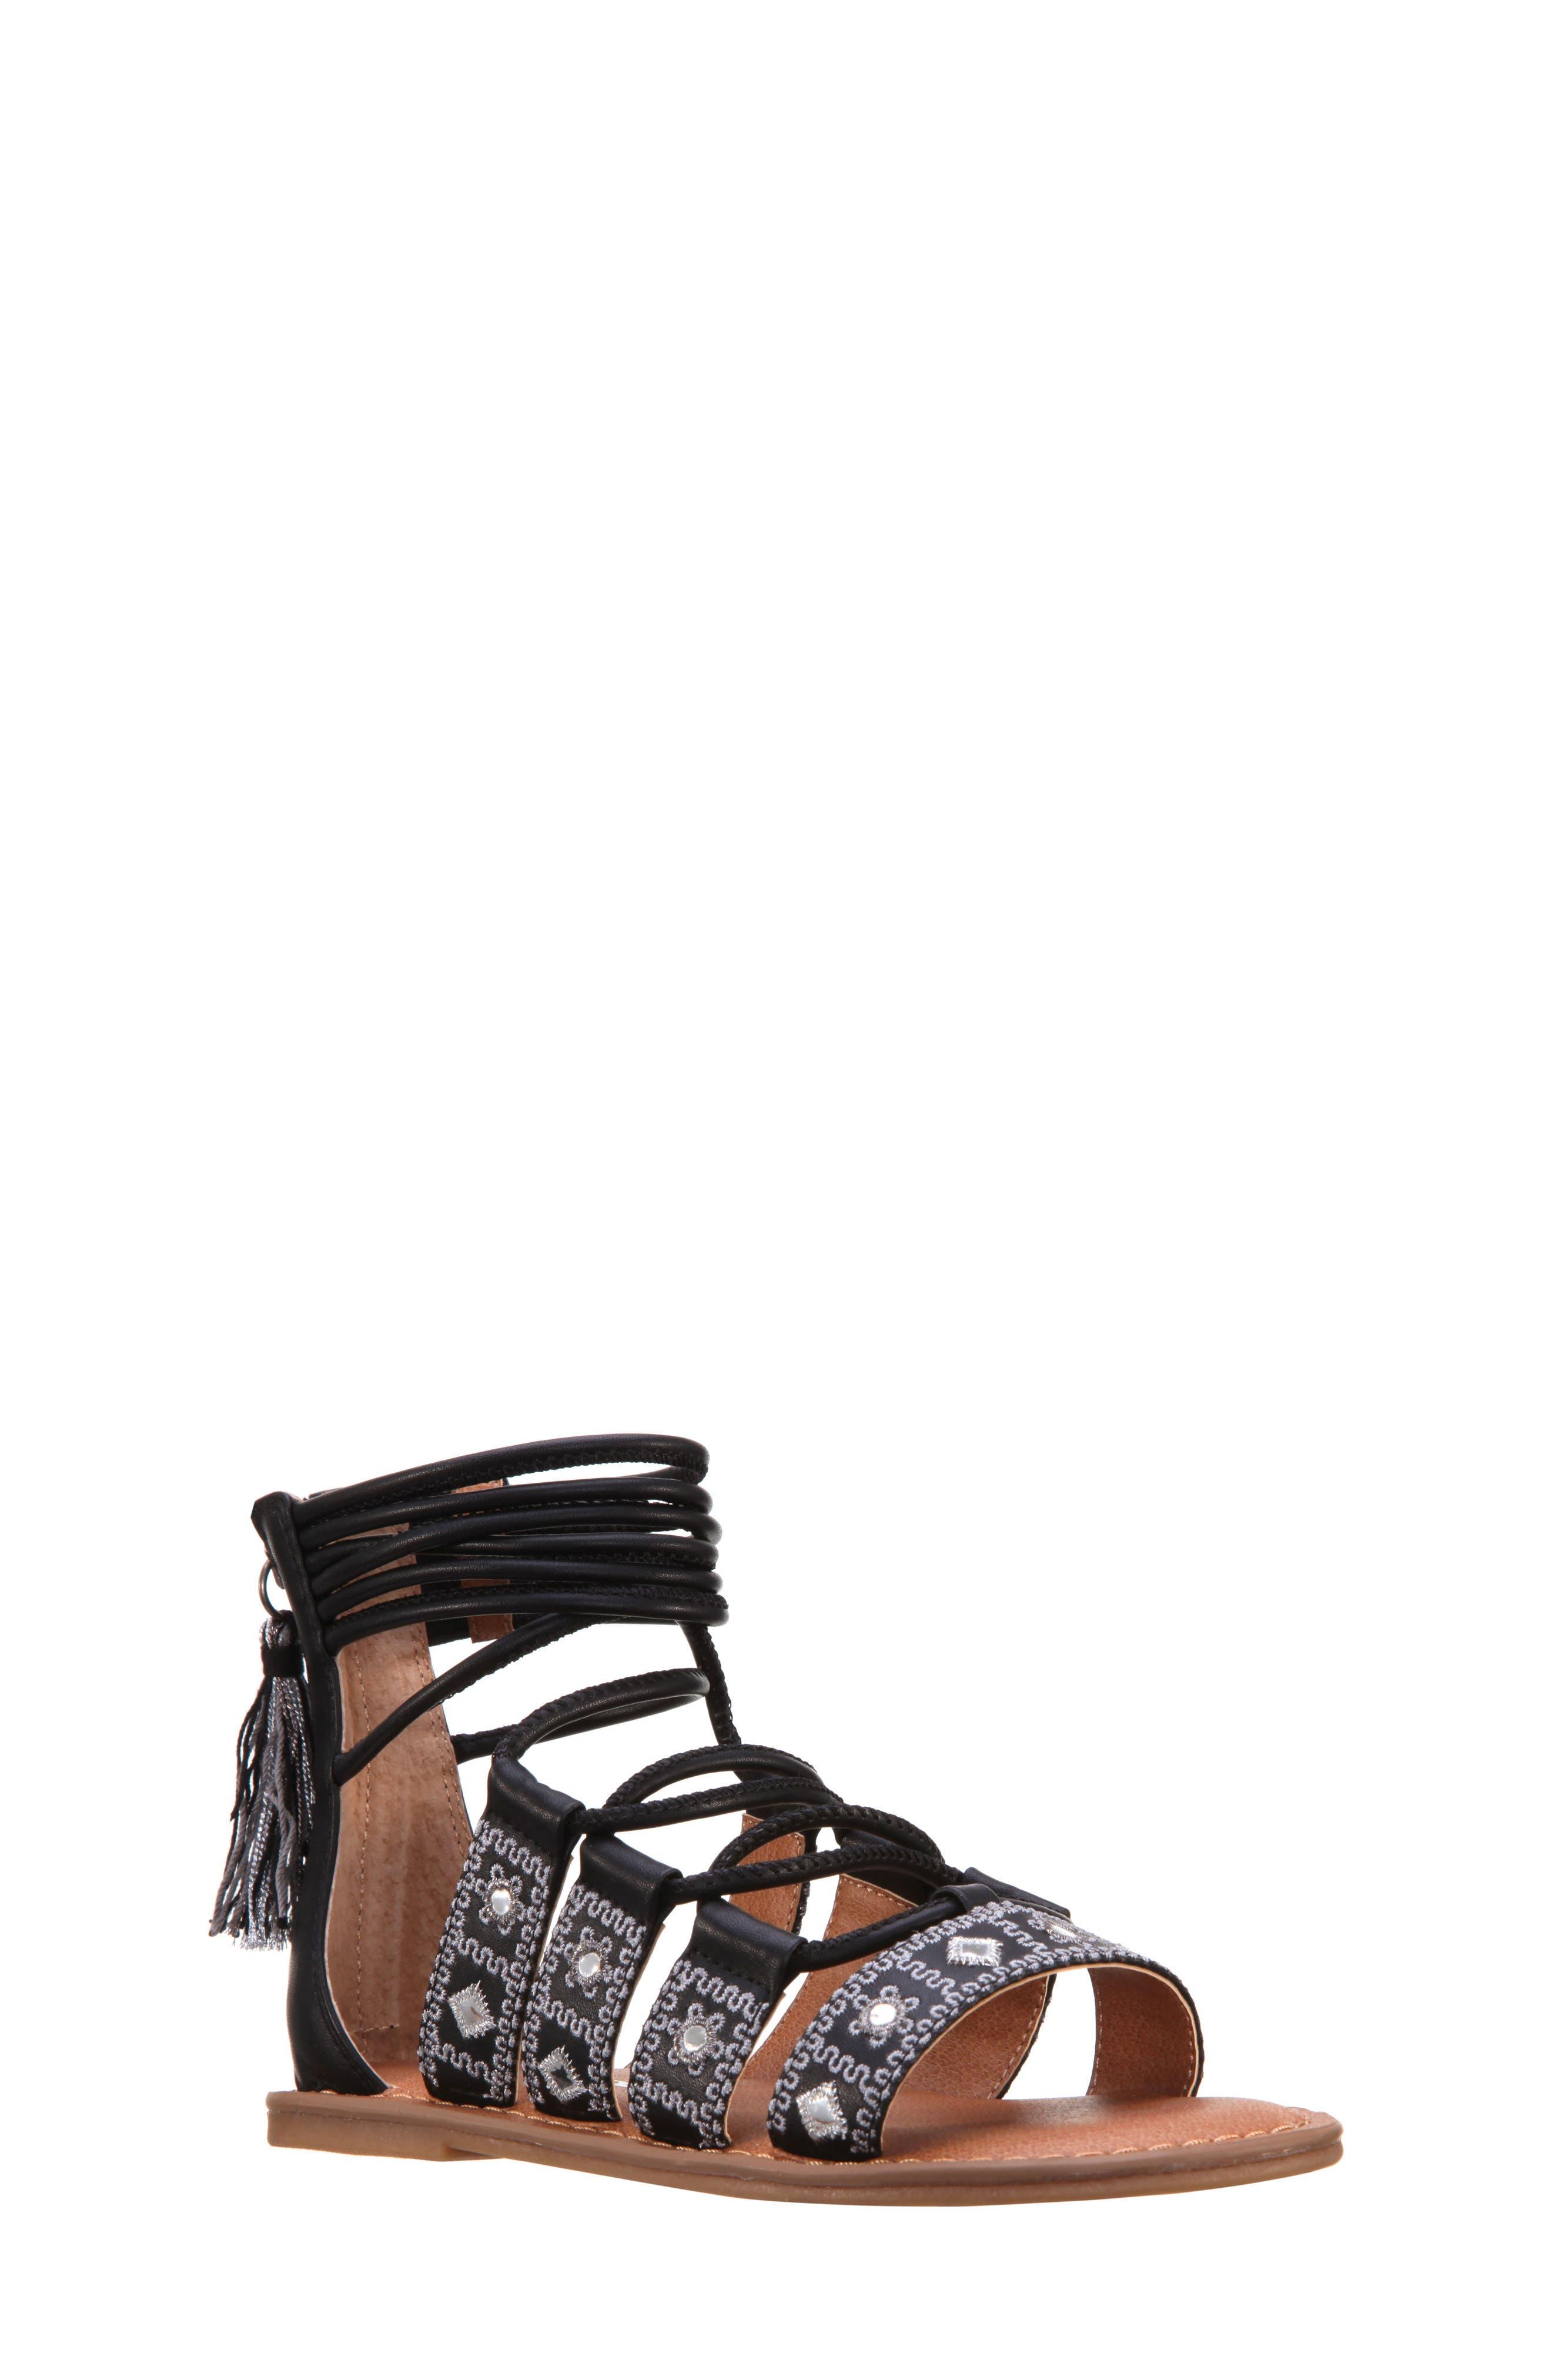 Sherryll Embellished Gladiator Sandal,                         Main,                         color, Black Smooth